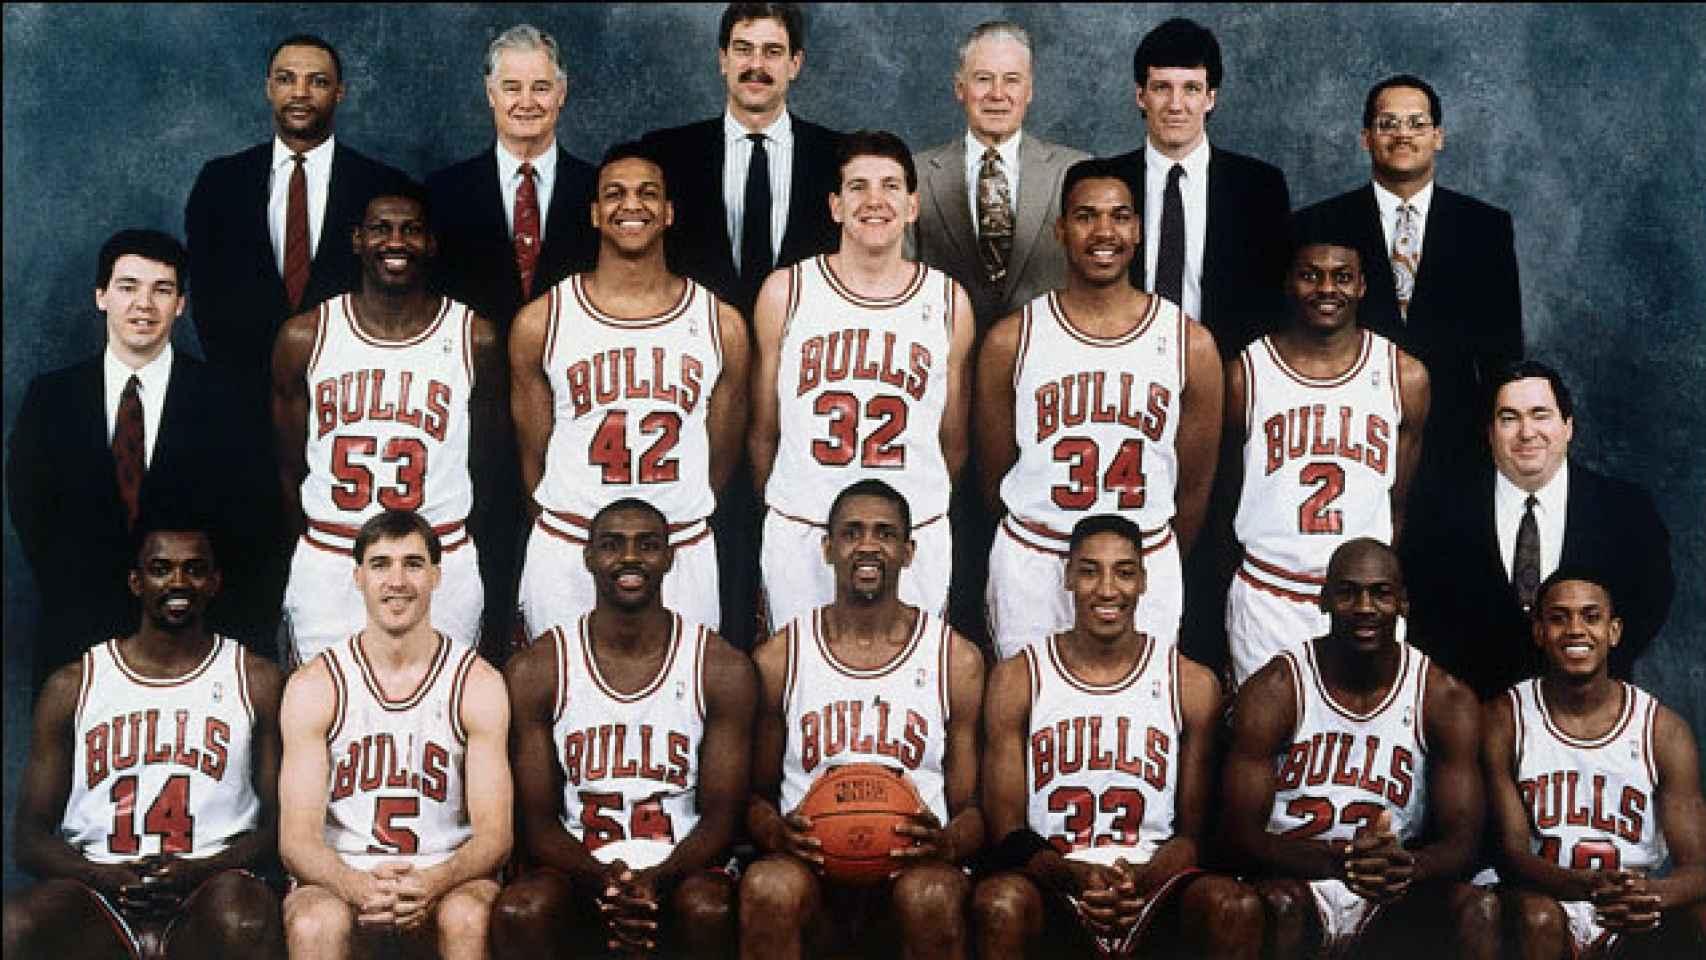 Plantilla de los Chicago Bulls para la temporada 1990/1991.